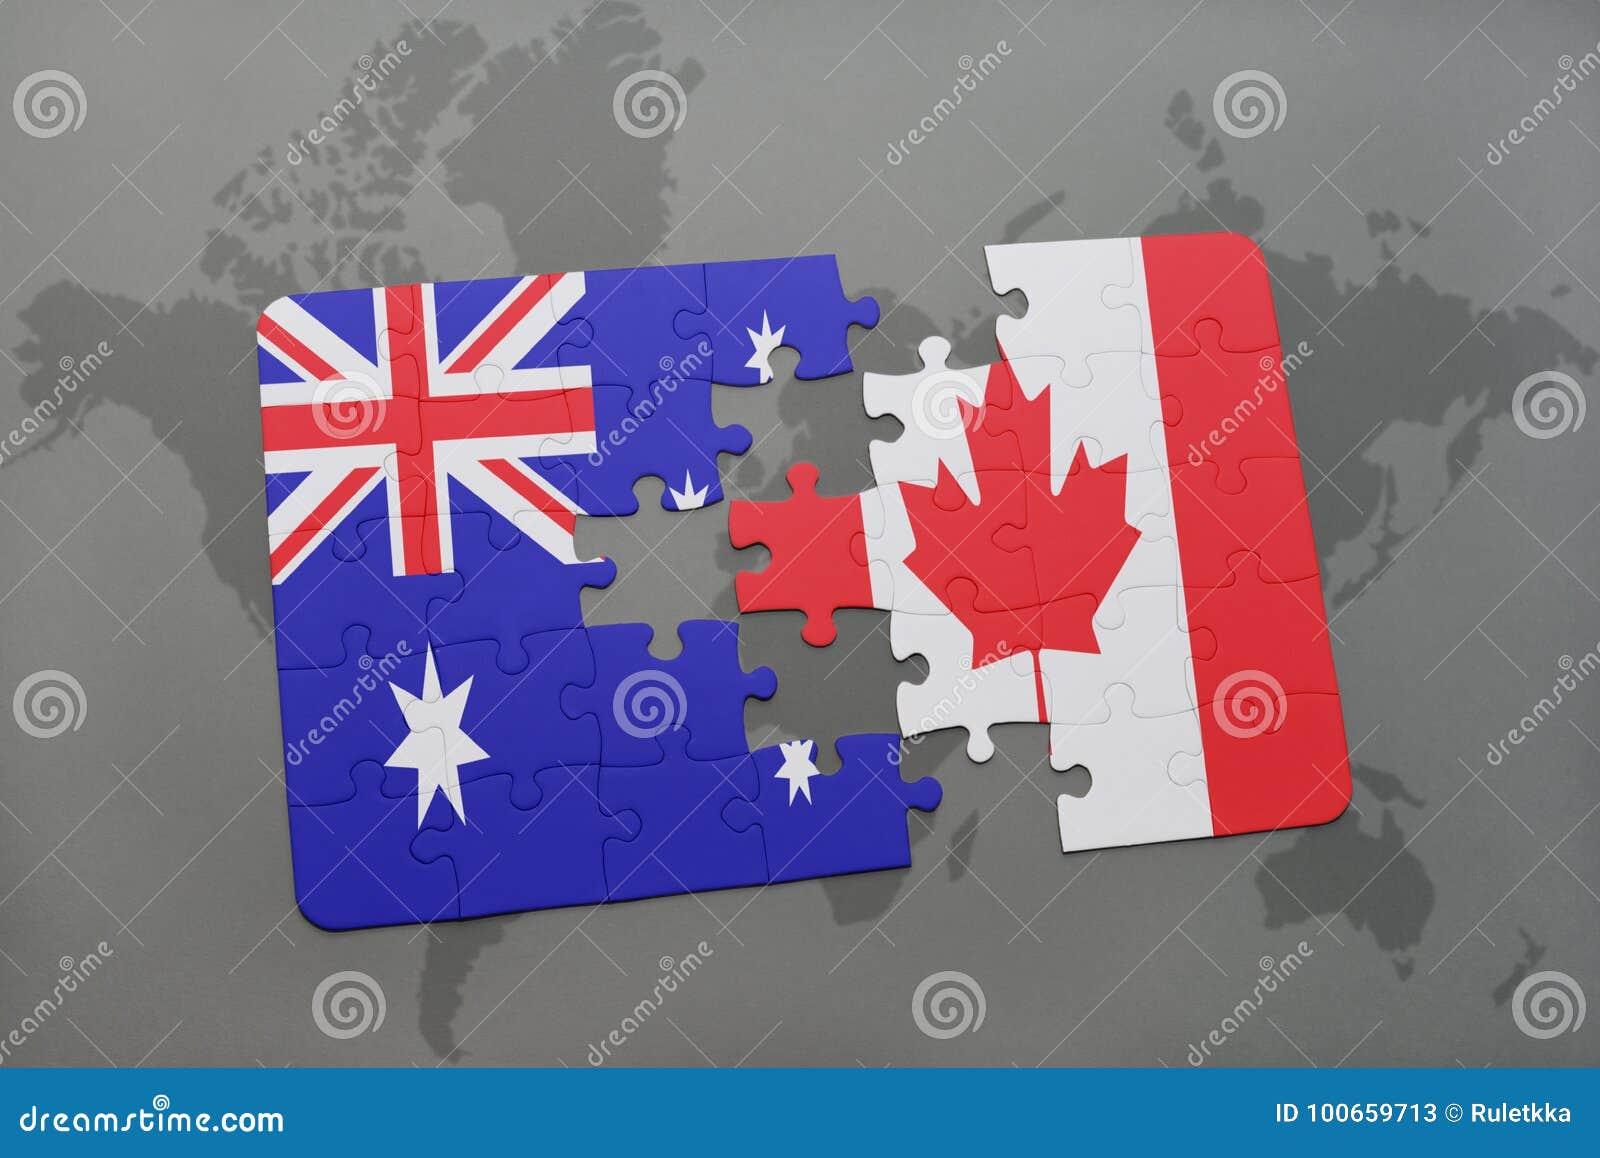 困惑与澳大利亚和加拿大的国旗世界地图背景的